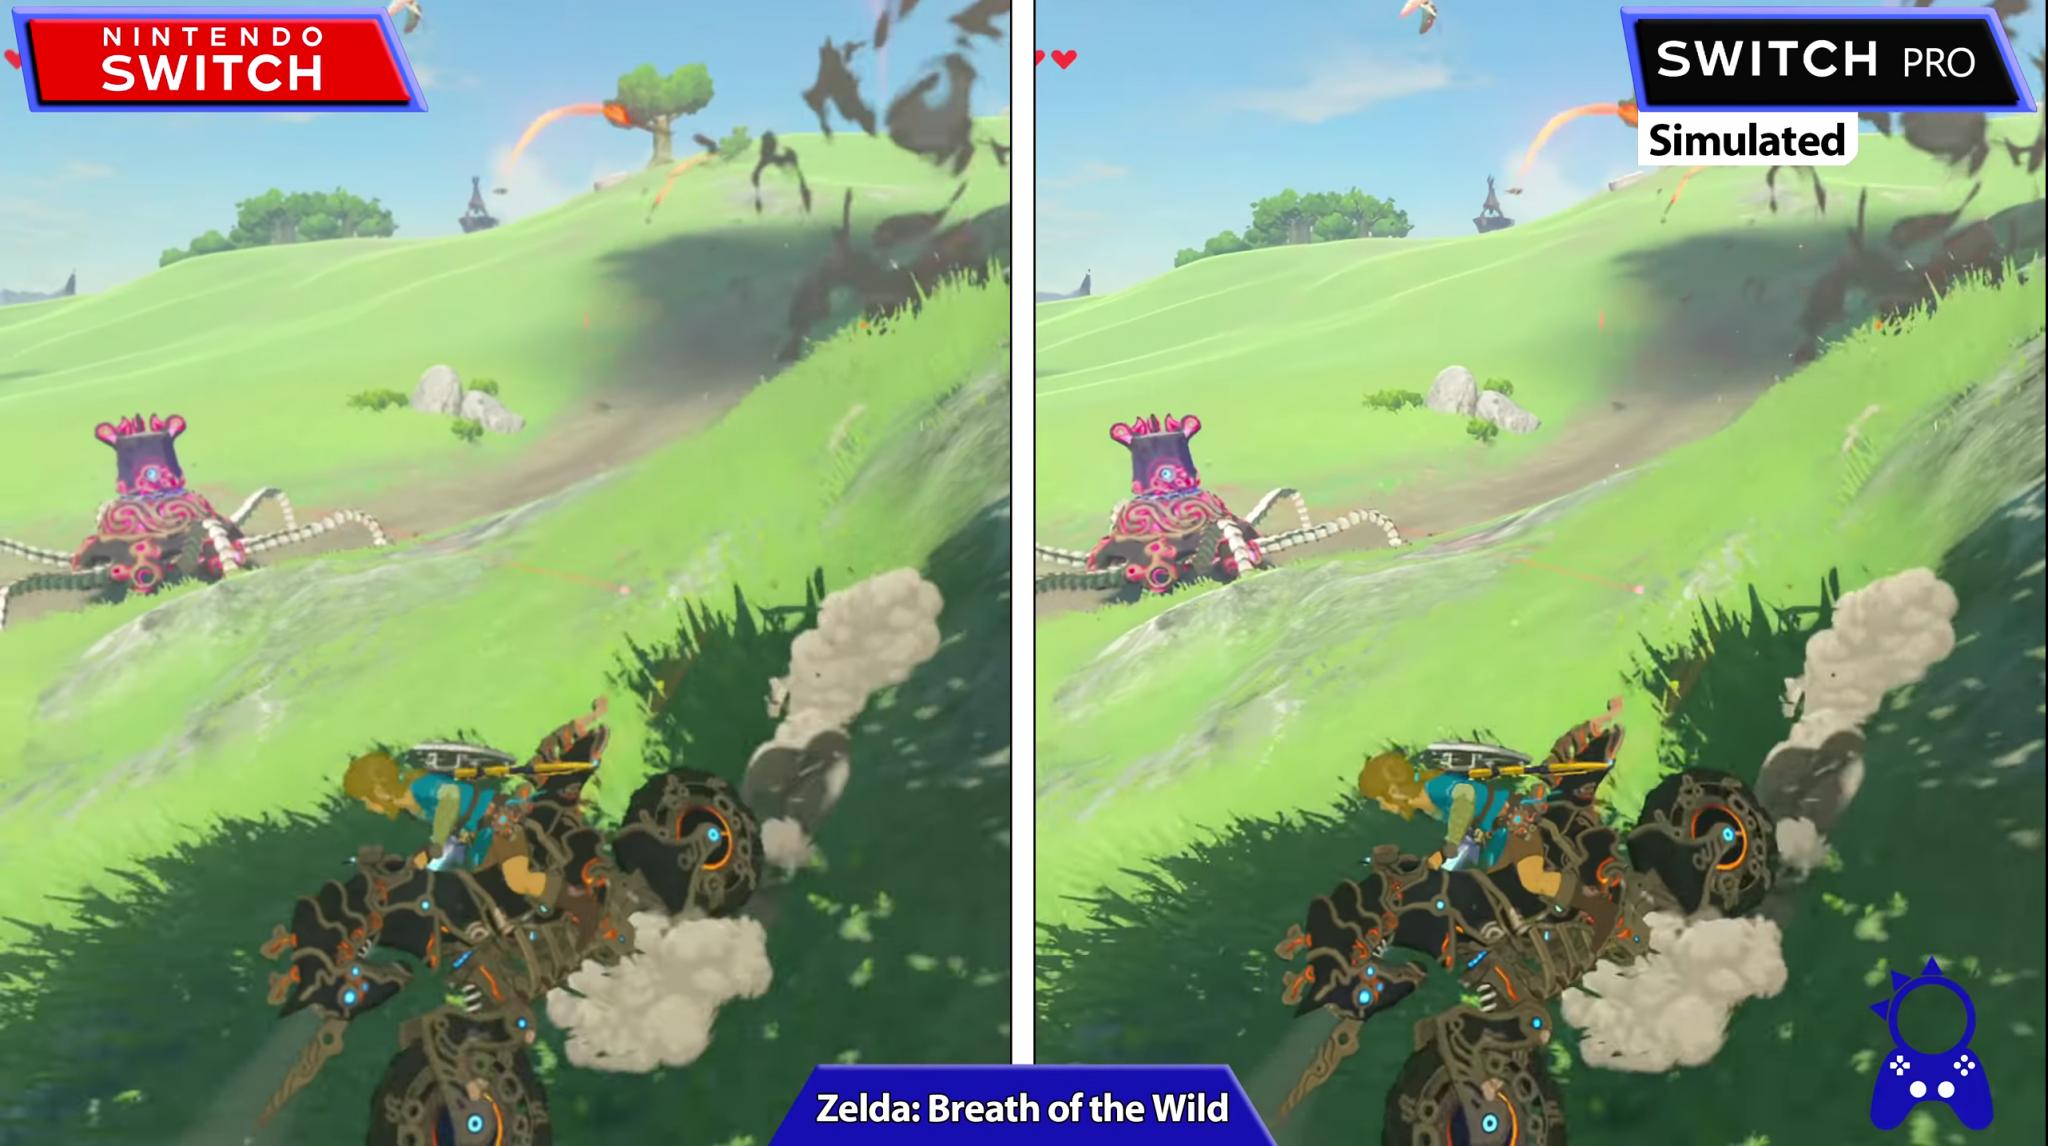 So gut könnten Spiele auf einer Nintendo Switch Pro laufen